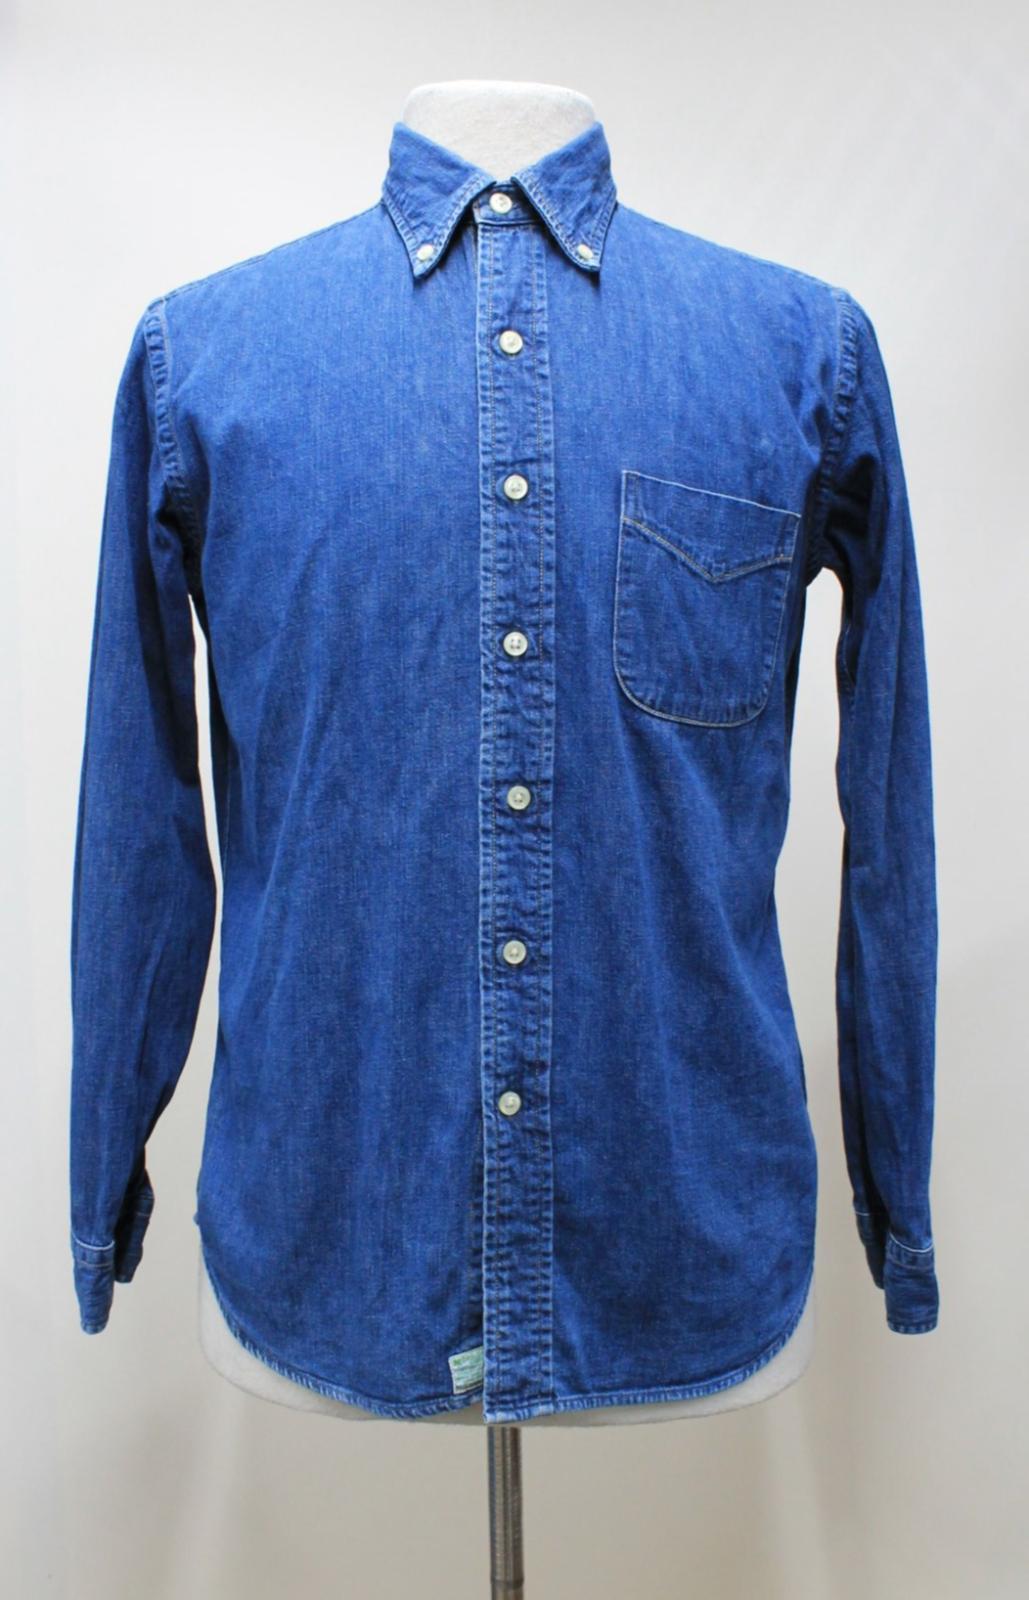 Orslow-Hombres-Azul-Algodon-Denim-Con-Cuello-Botones-camisa-de-mangas-largas-Talla-XL miniatura 3